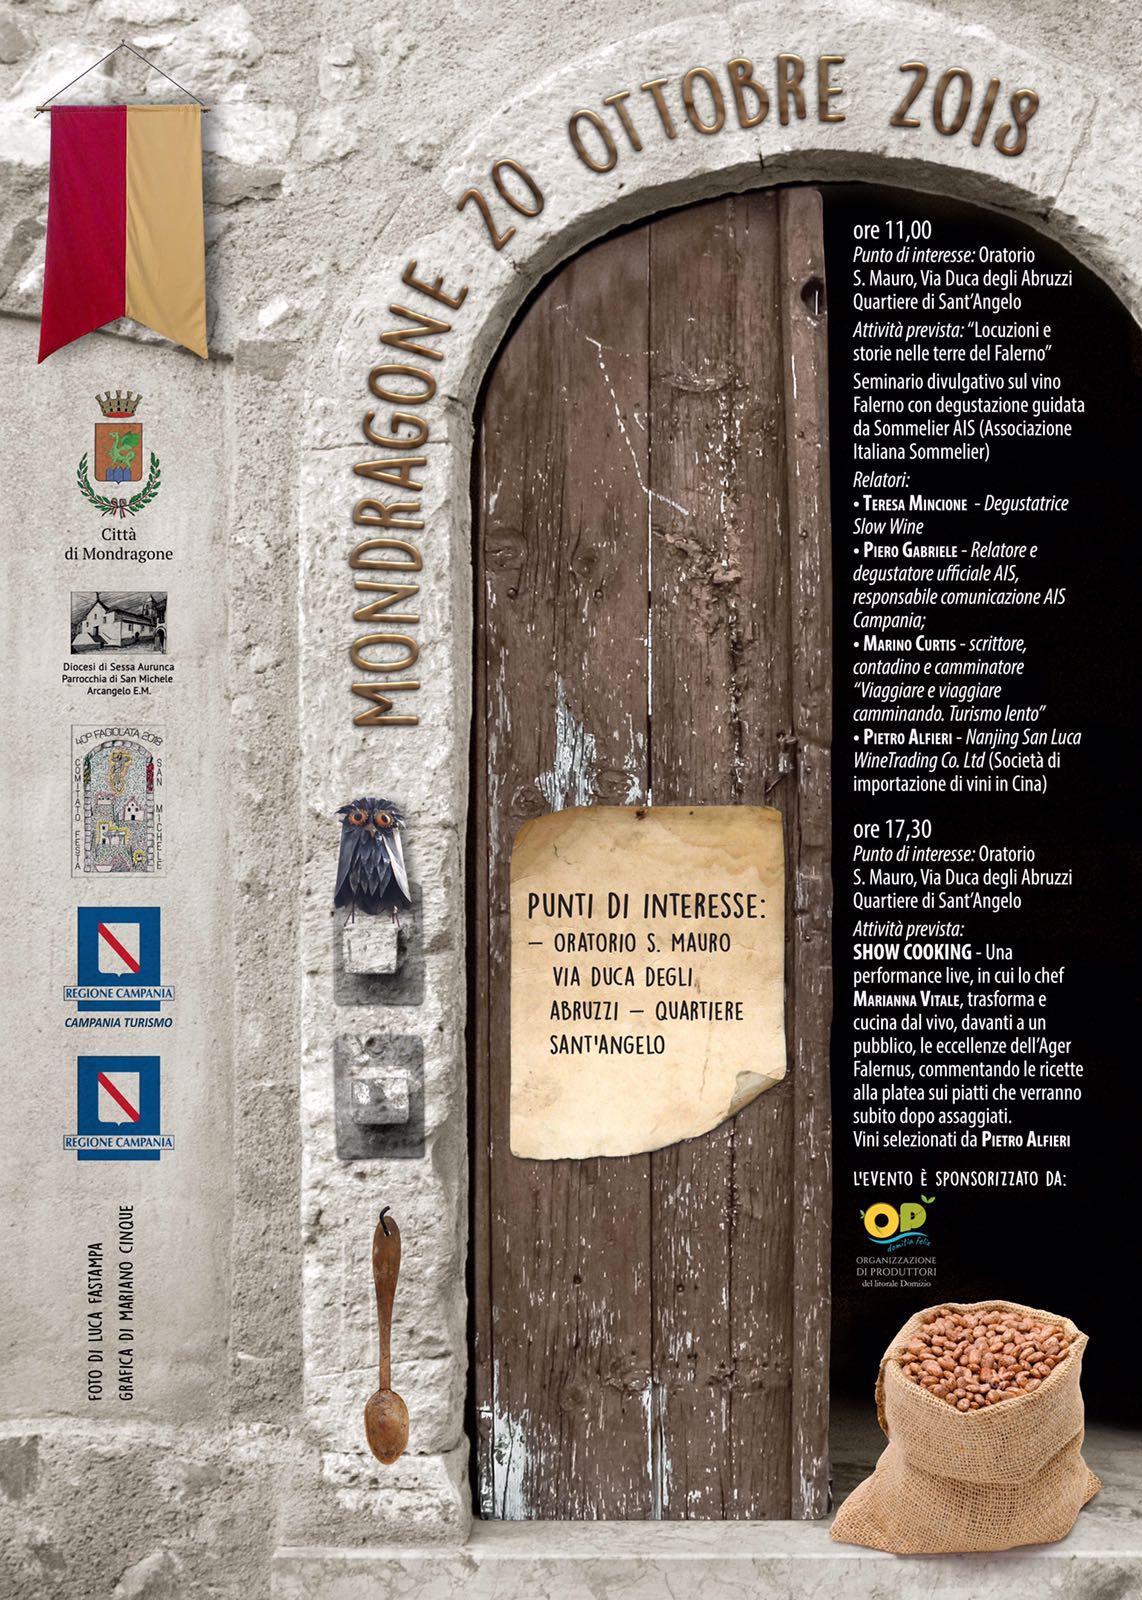 20 Ottobre 2018 Locuzioni e storie nelle terre del Falerno e show cooking